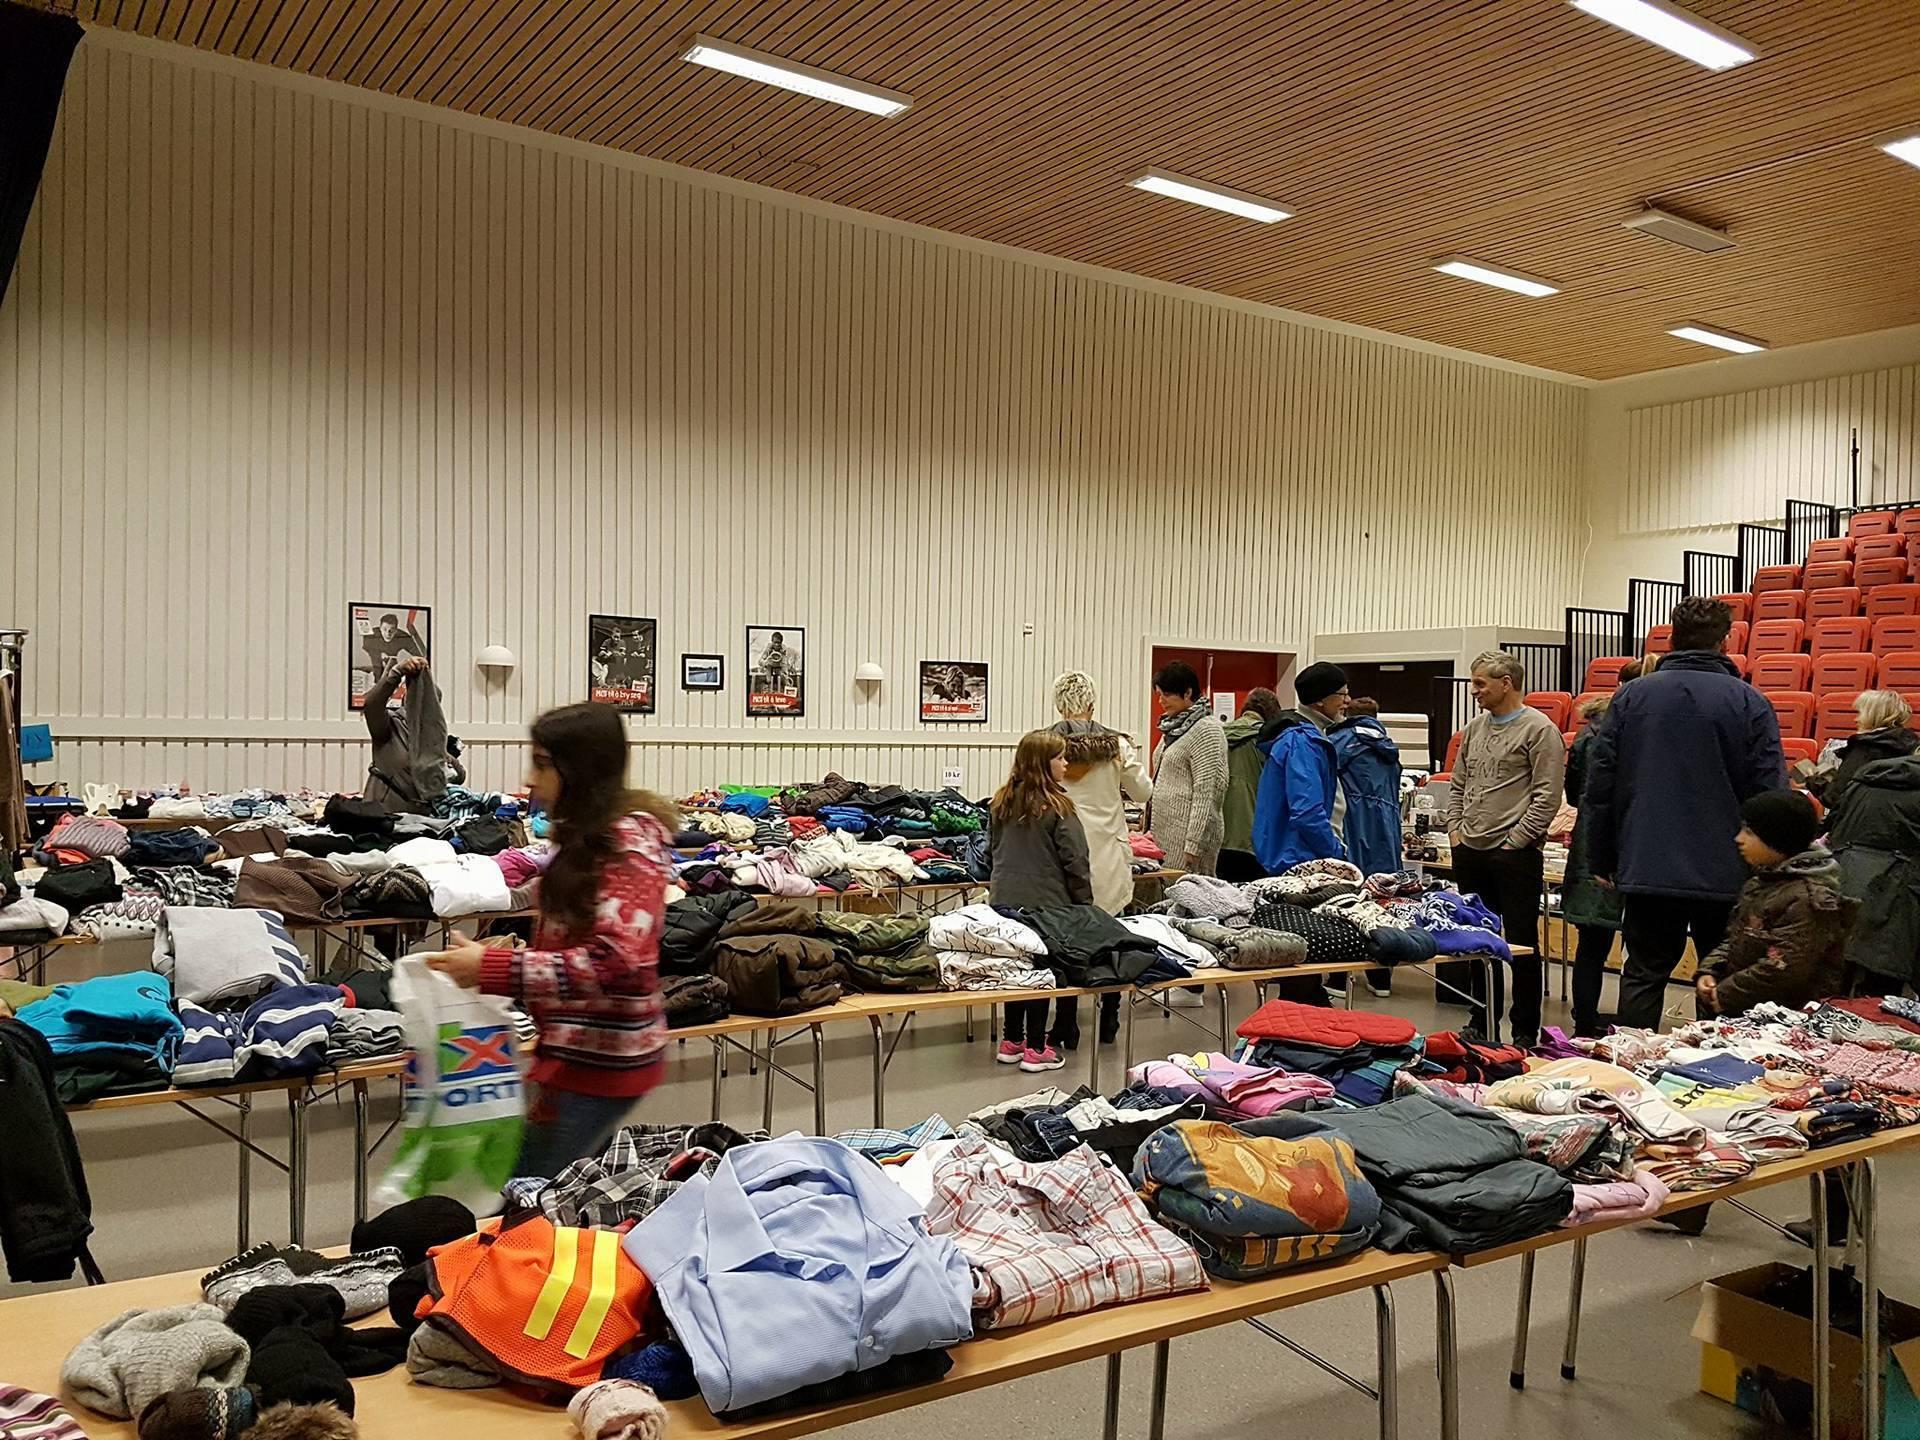 Loppemarked i forbindelse med TV-aksjonen 2017_mye klær